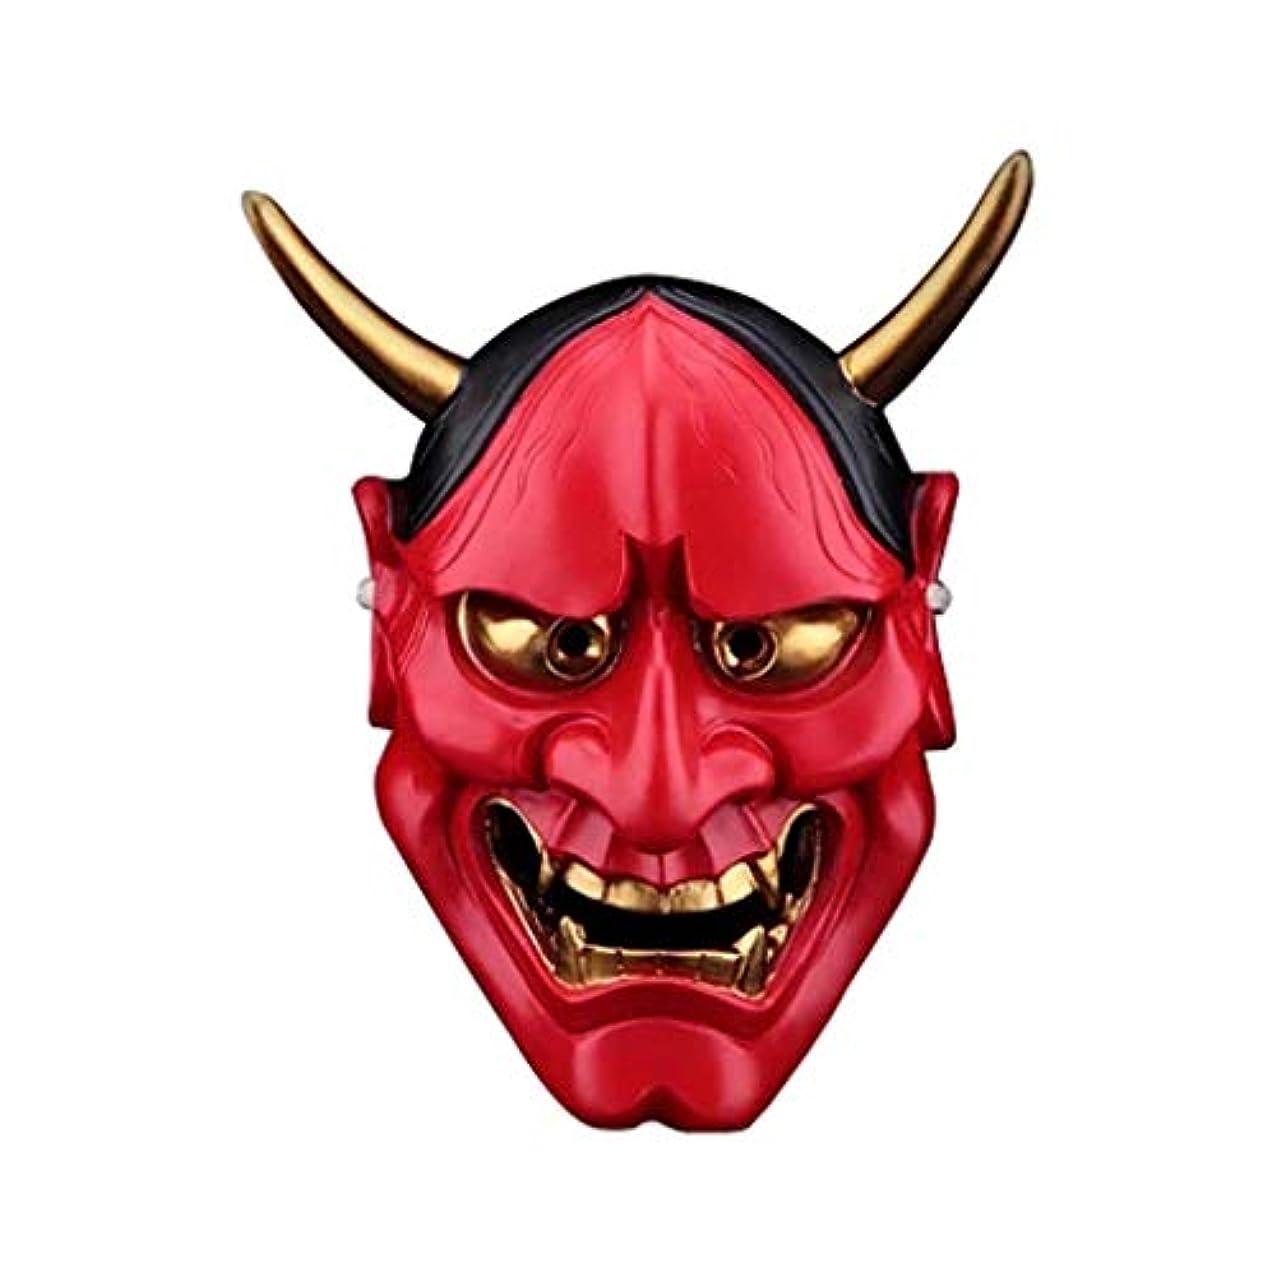 有利ヒューズかどうかハロウィンホラーマスク、成人用樹脂マスクデコレーション (Color : RED)